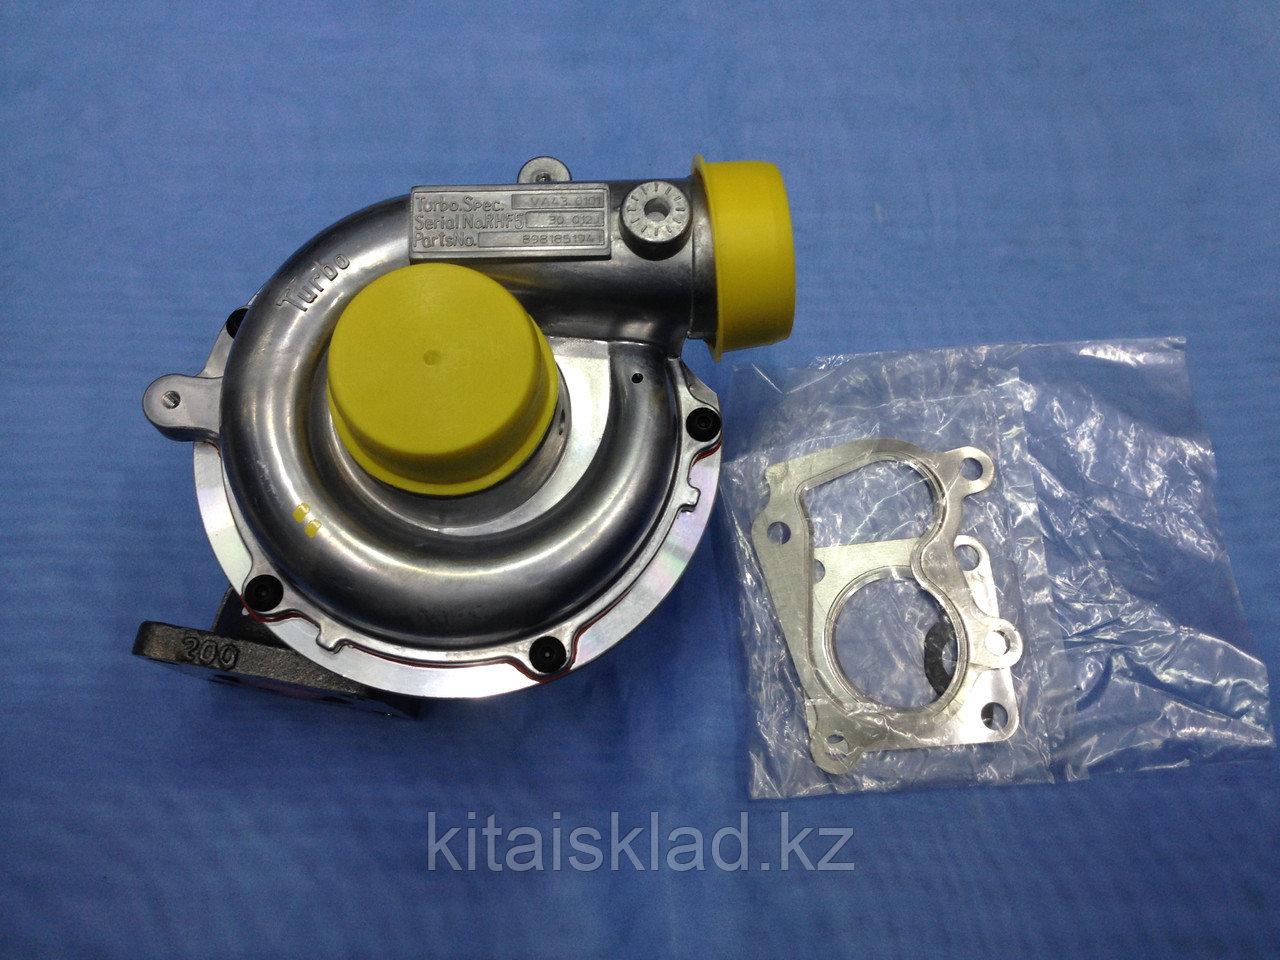 Турбина (турбокомпрессор) 4JJ1 ISUZU 8981851941, RHF5, VA430101